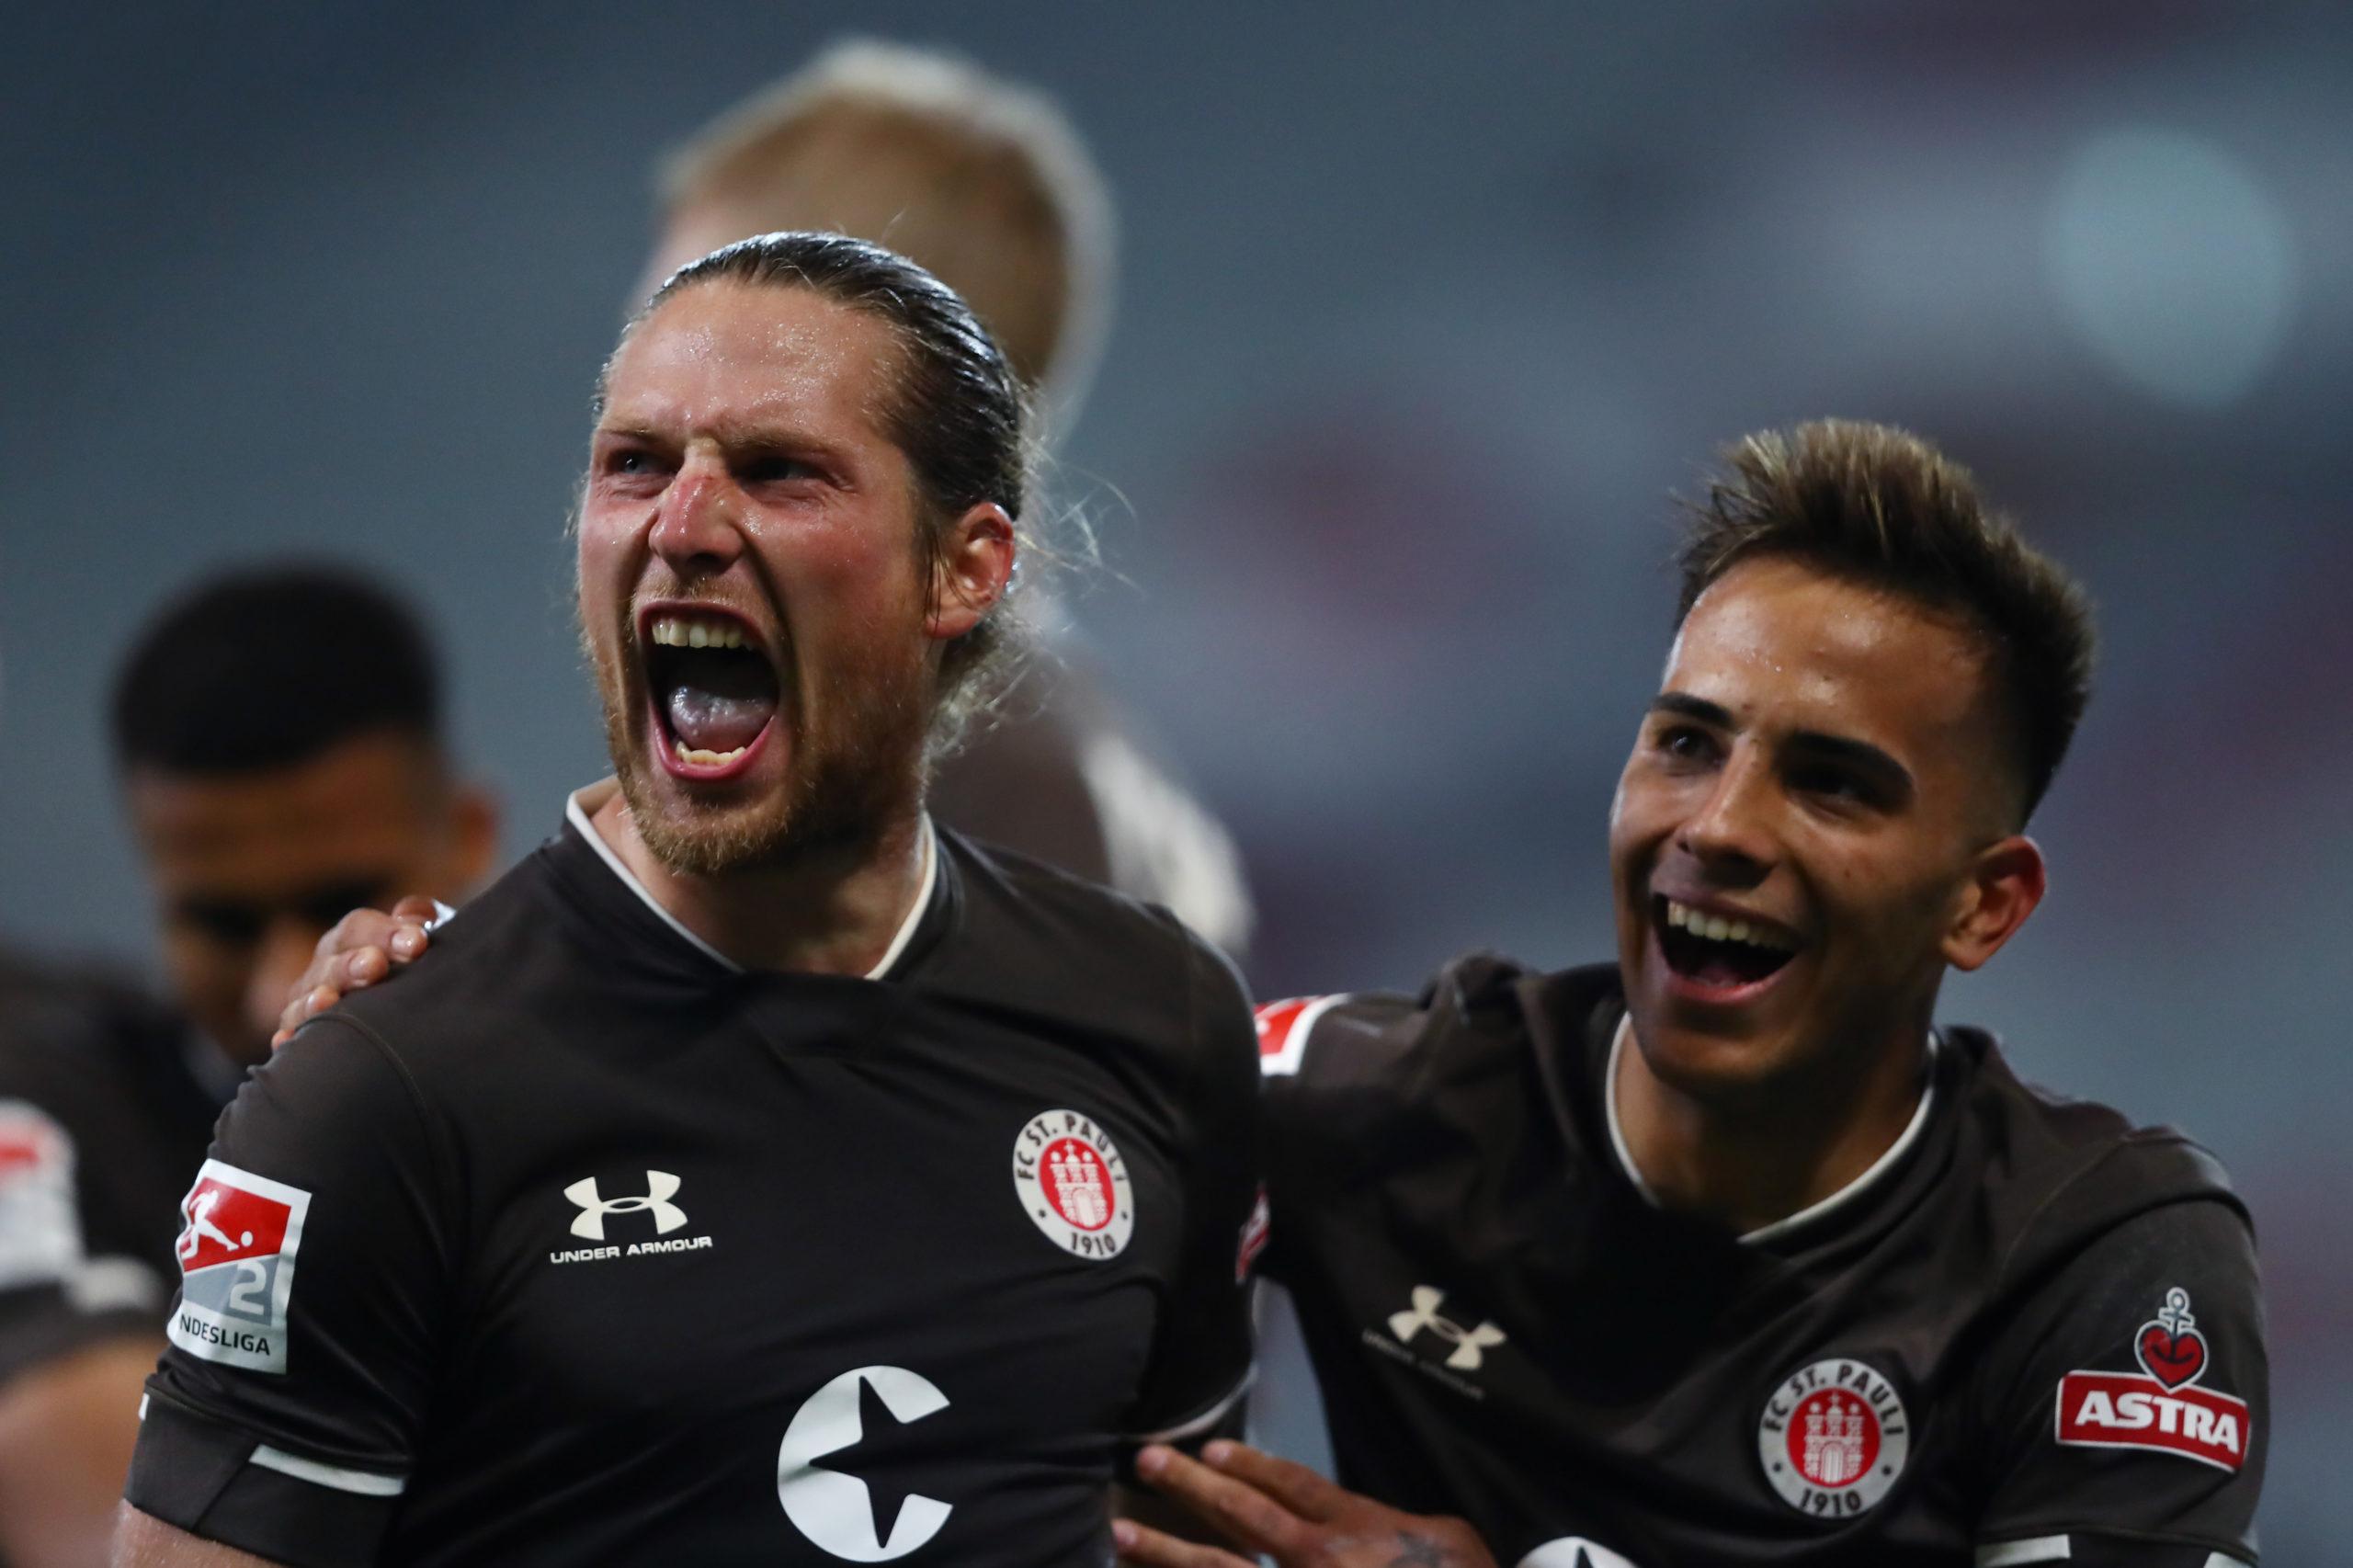 Vorbericht: SpVgg Greuther Fürth – FC St. Pauli (14. Spieltag, 20/21)